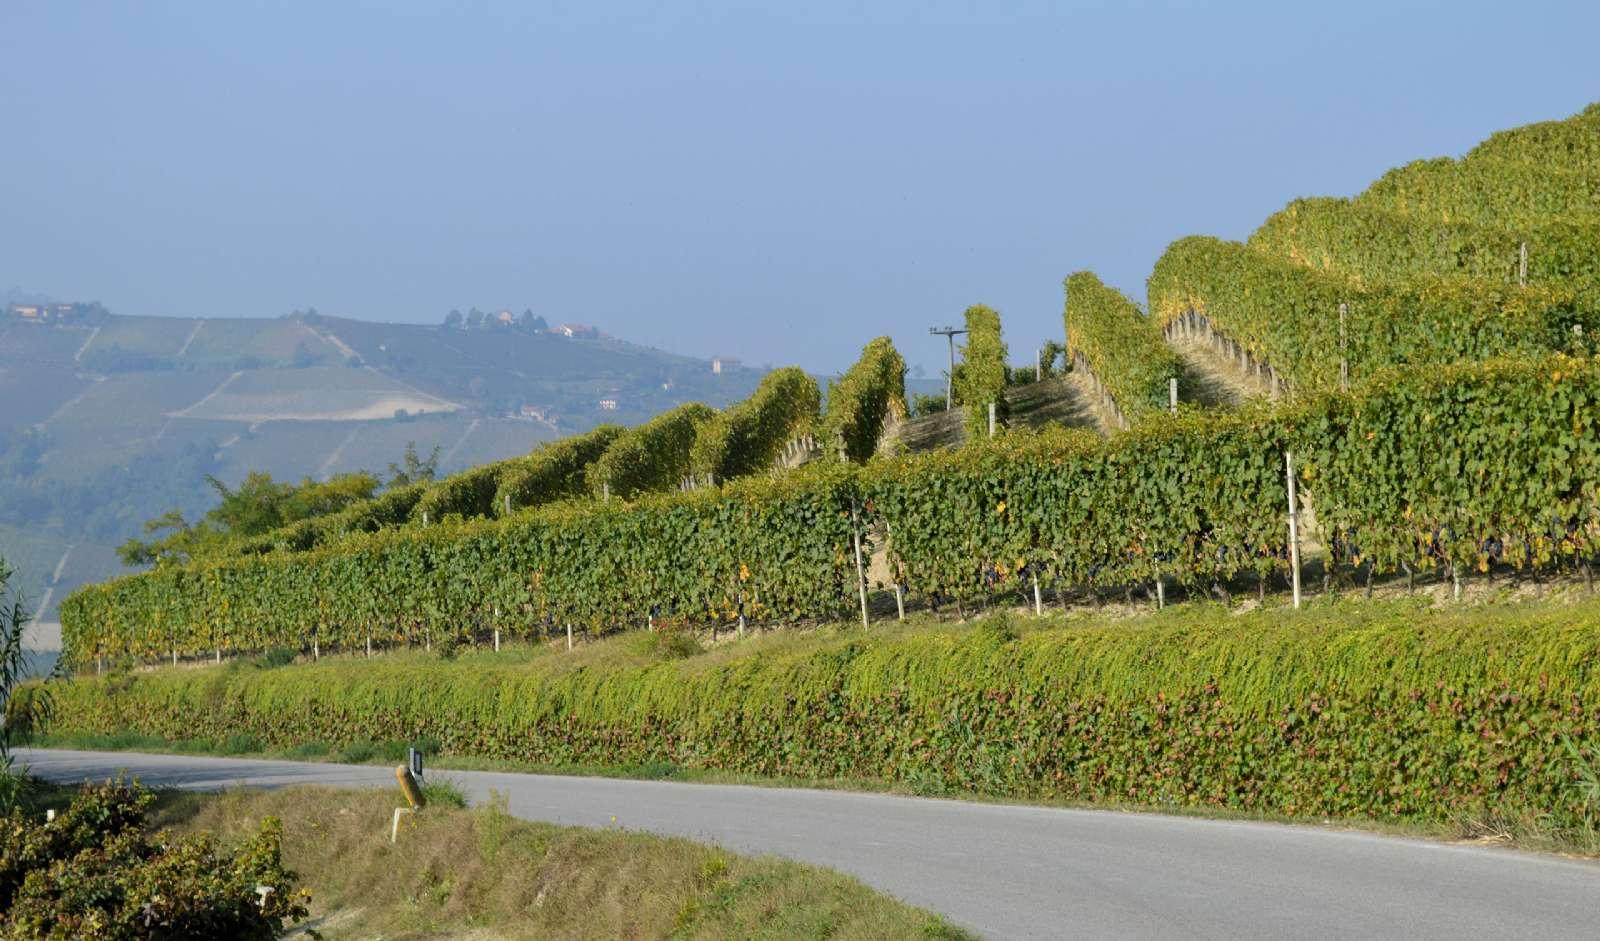 Panoramic winegrowing region views